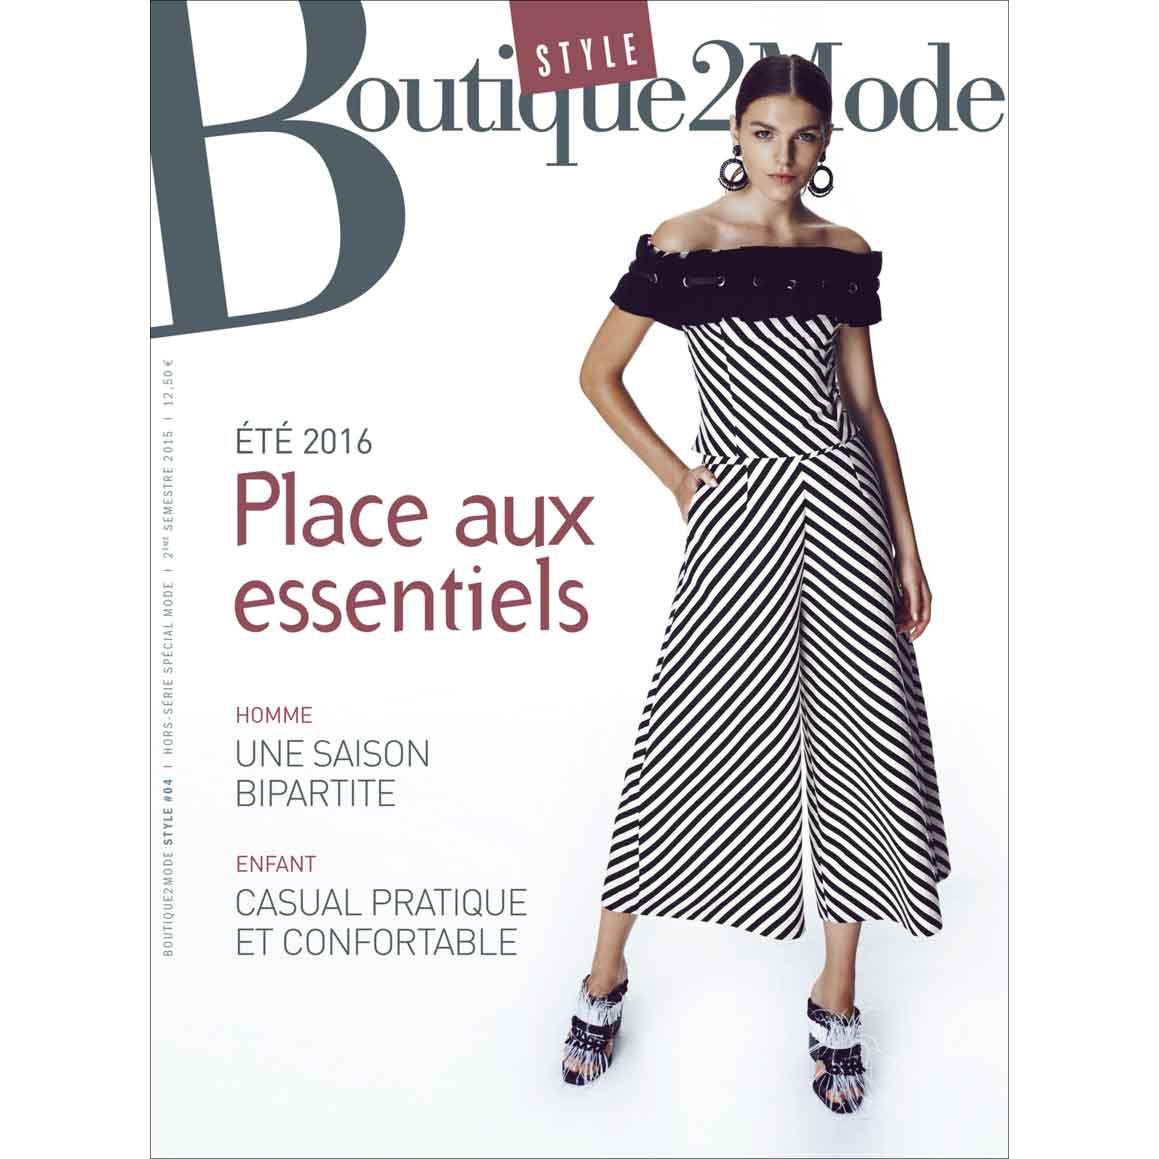 B2M Style #4 – Place aux essentiels !